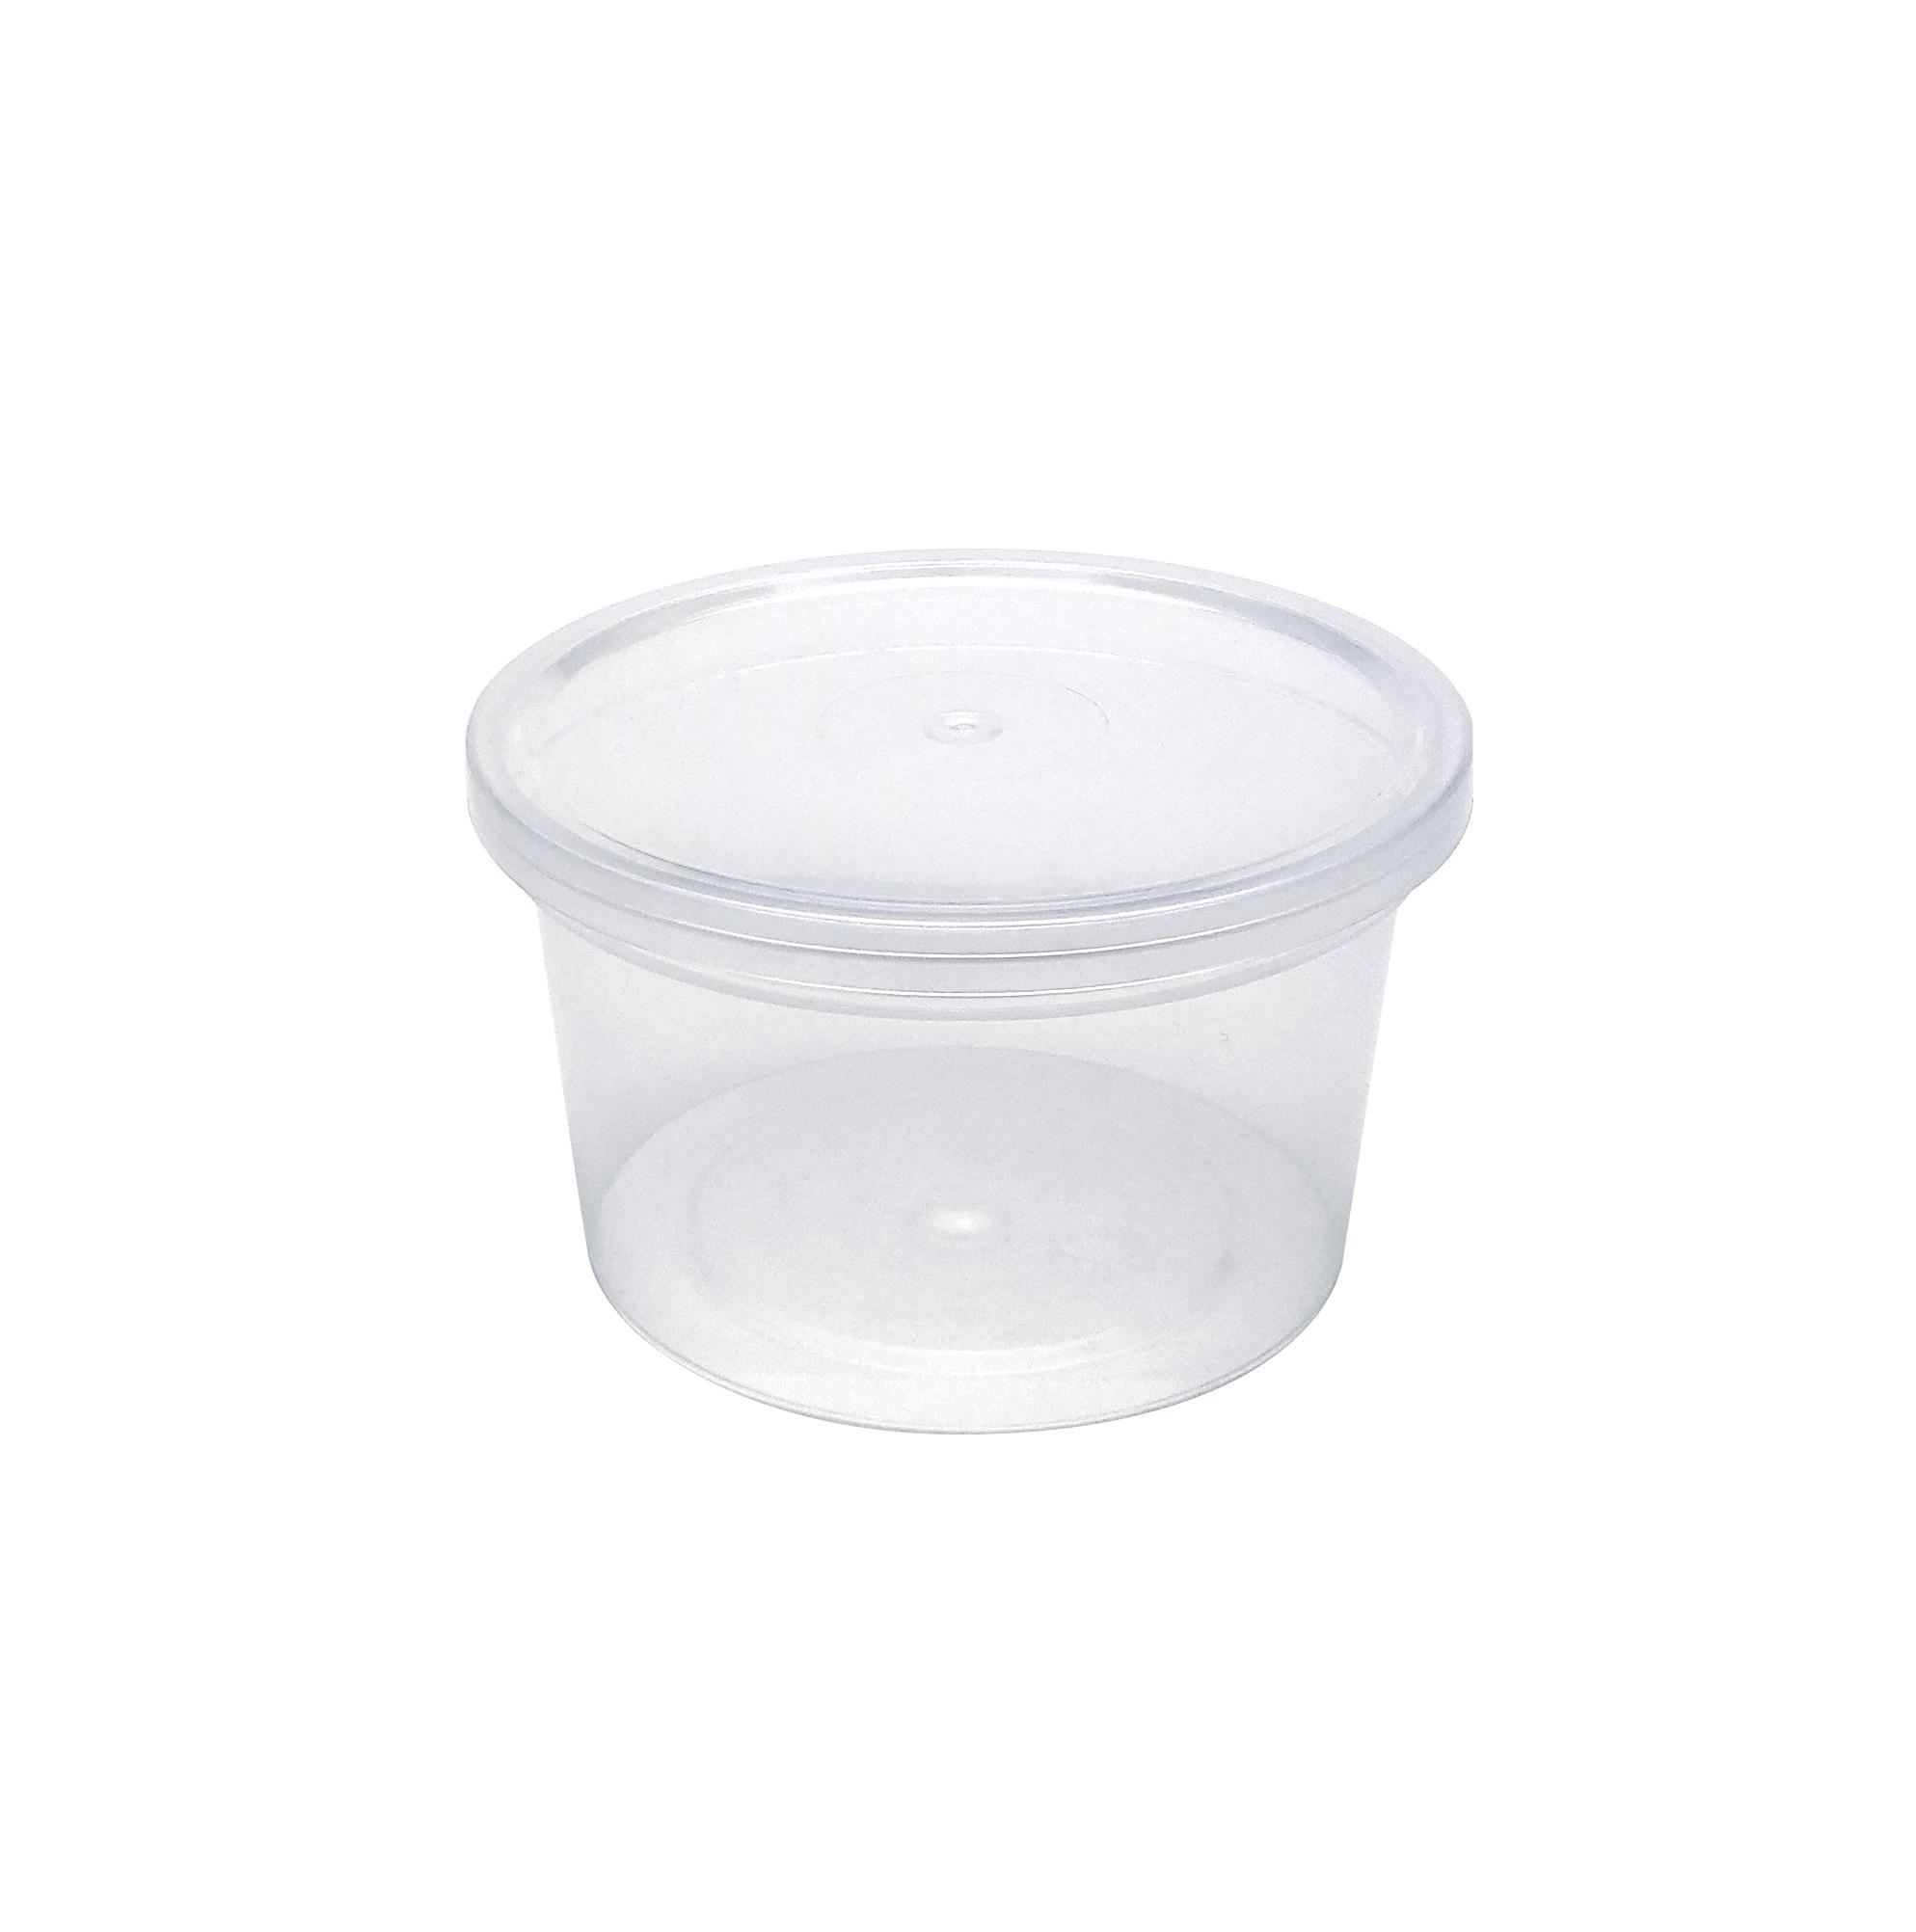 Контейнер пластиковый Перинт 250мл, D96мм, круглый, с крышкой, 50шт/уп